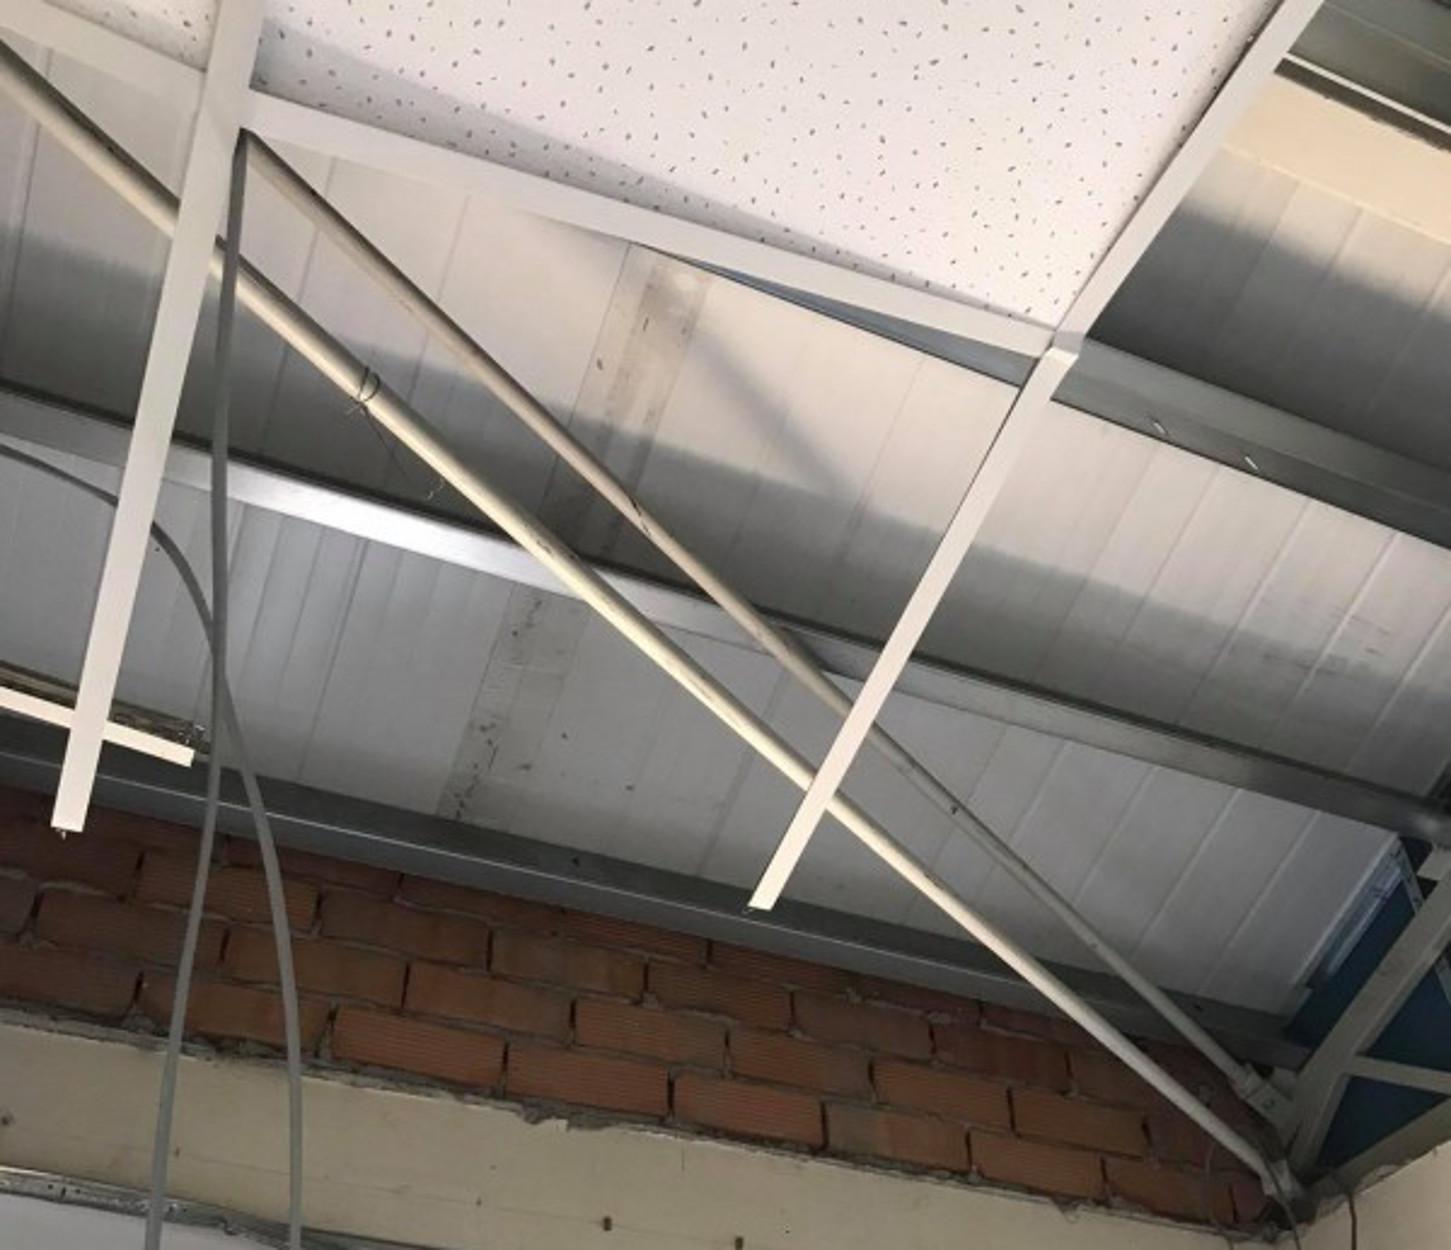 Λευκωσία: Ελικόπτερο πέρασε πάνω από νοσοκομείο και… κατέρρευσε η οροφή! (pics, video)